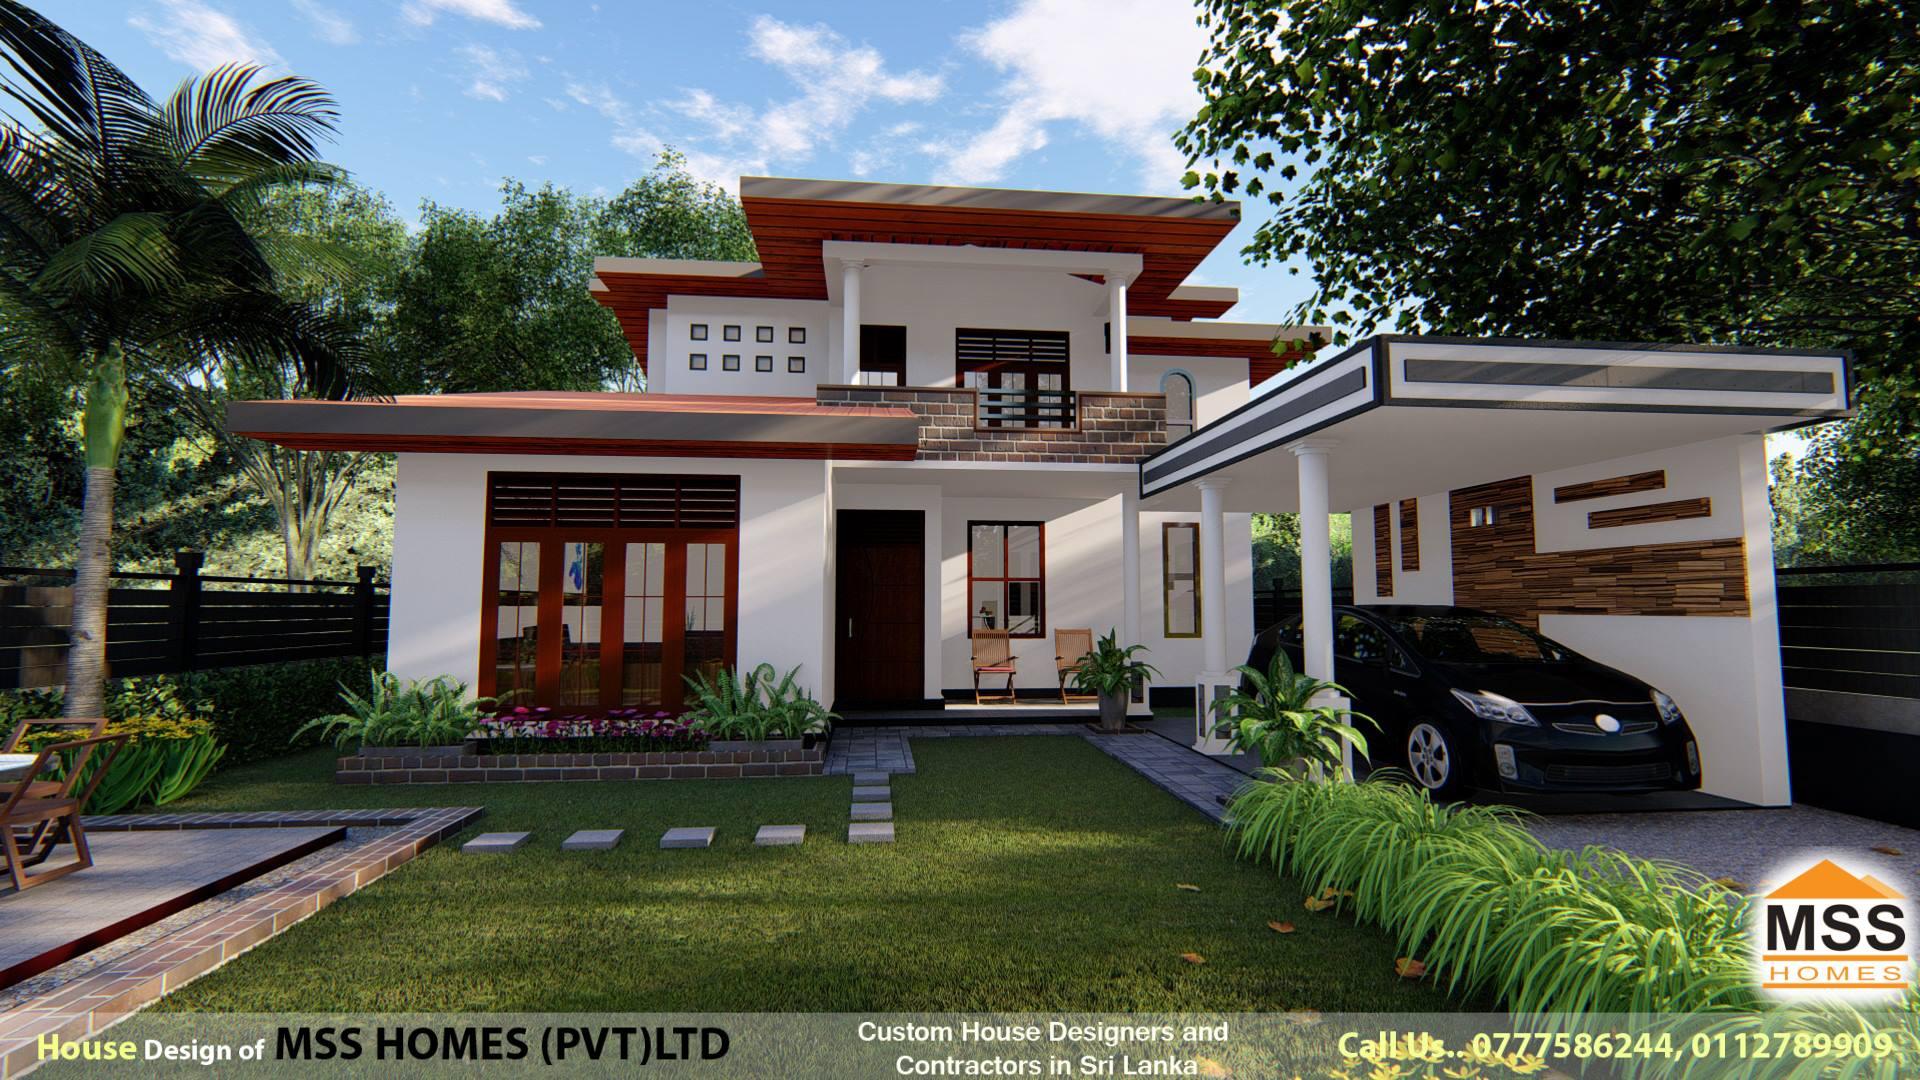 House Design MD521 | House Builders in Sri Lanka | Home ...